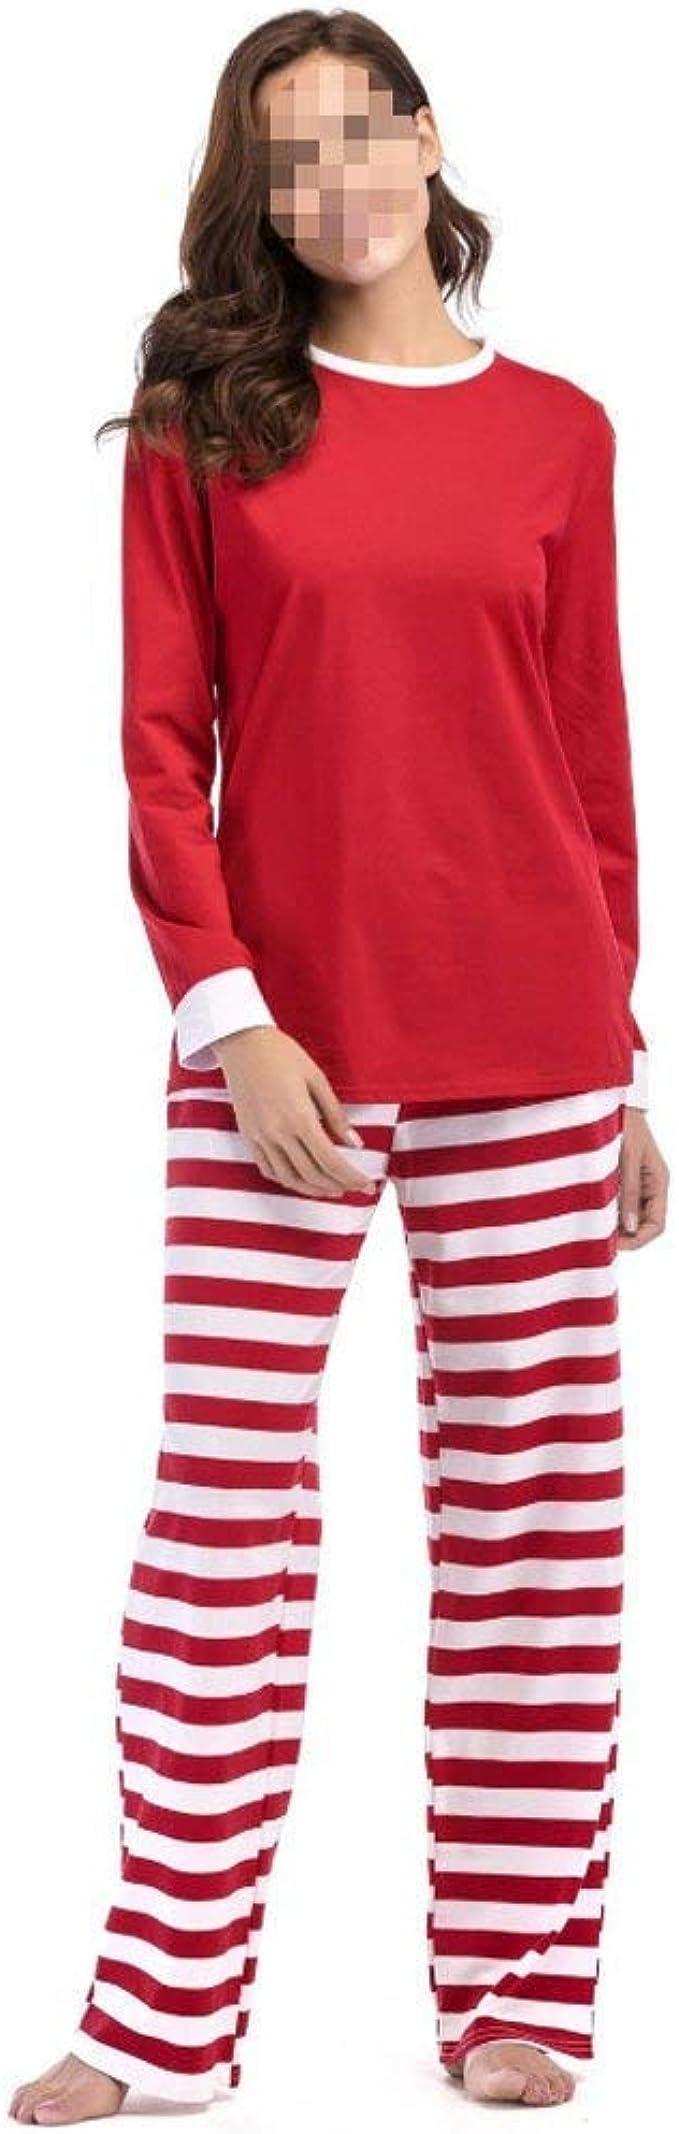 Pijamas De Mujer Pantalones De Manga Chándal Rayas Larga Casual ...